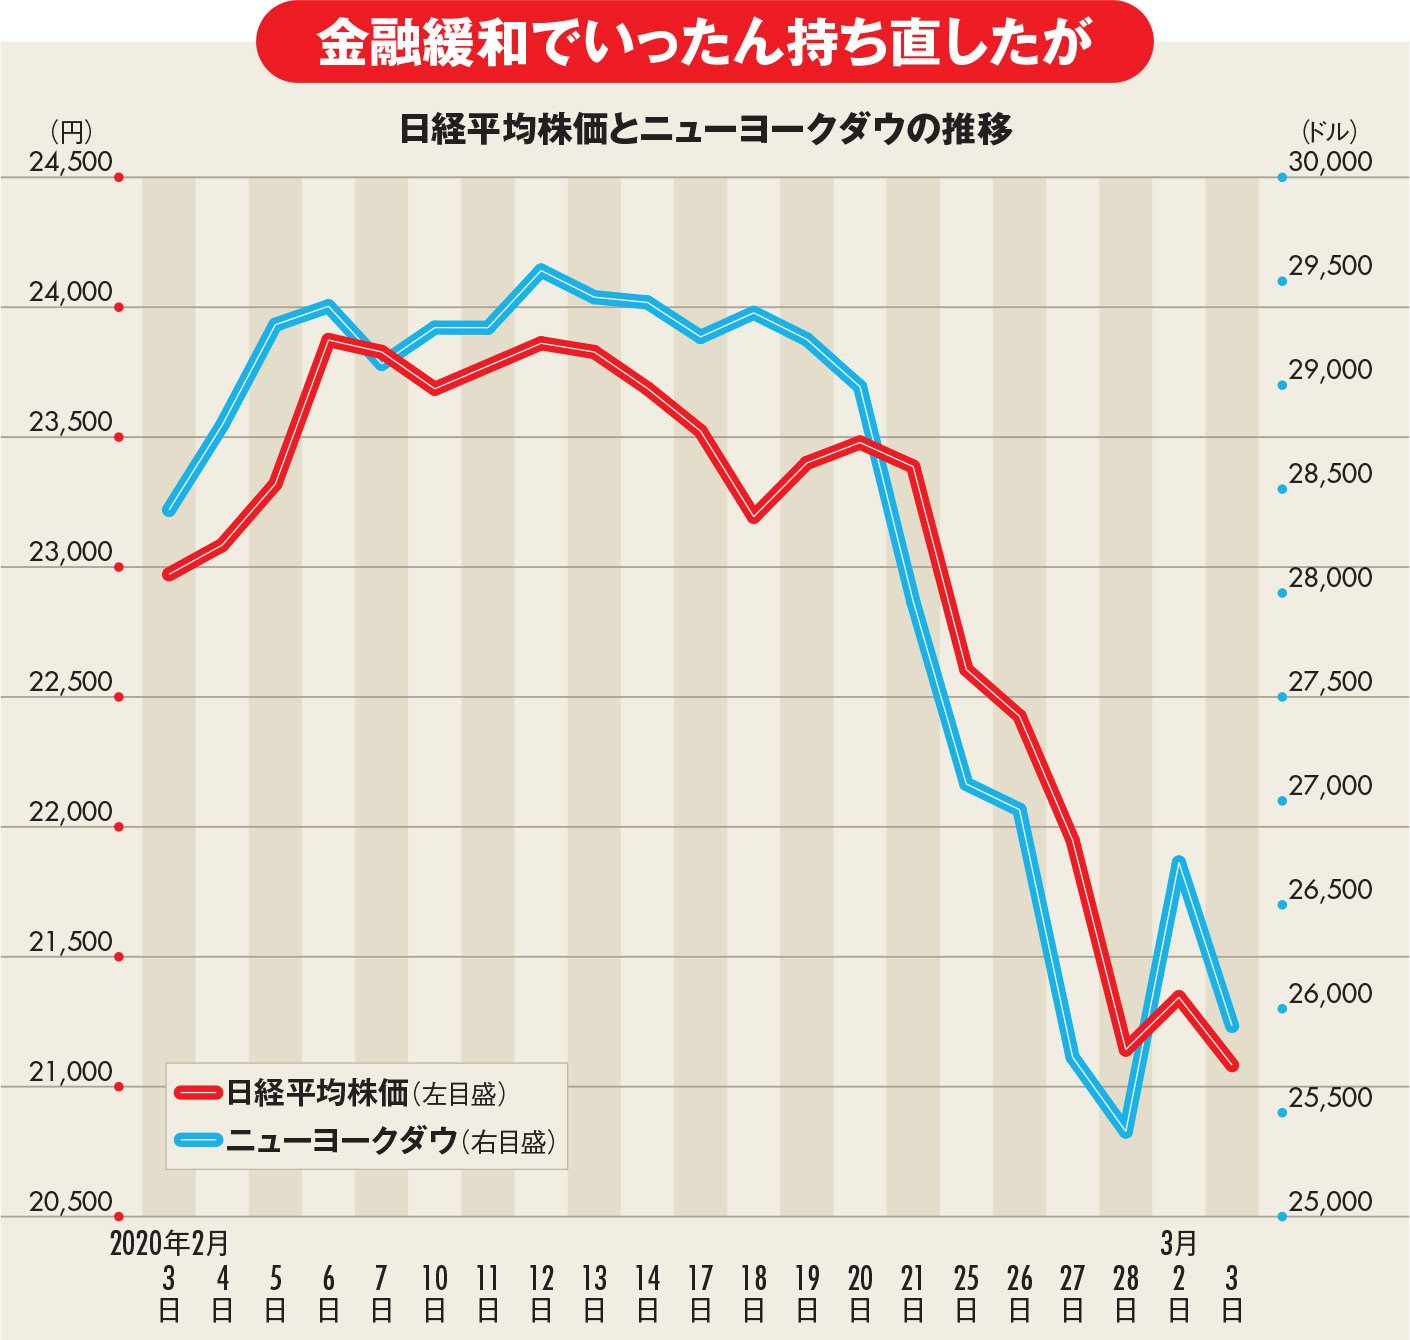 日経平均株価とニューヨークダウの推移